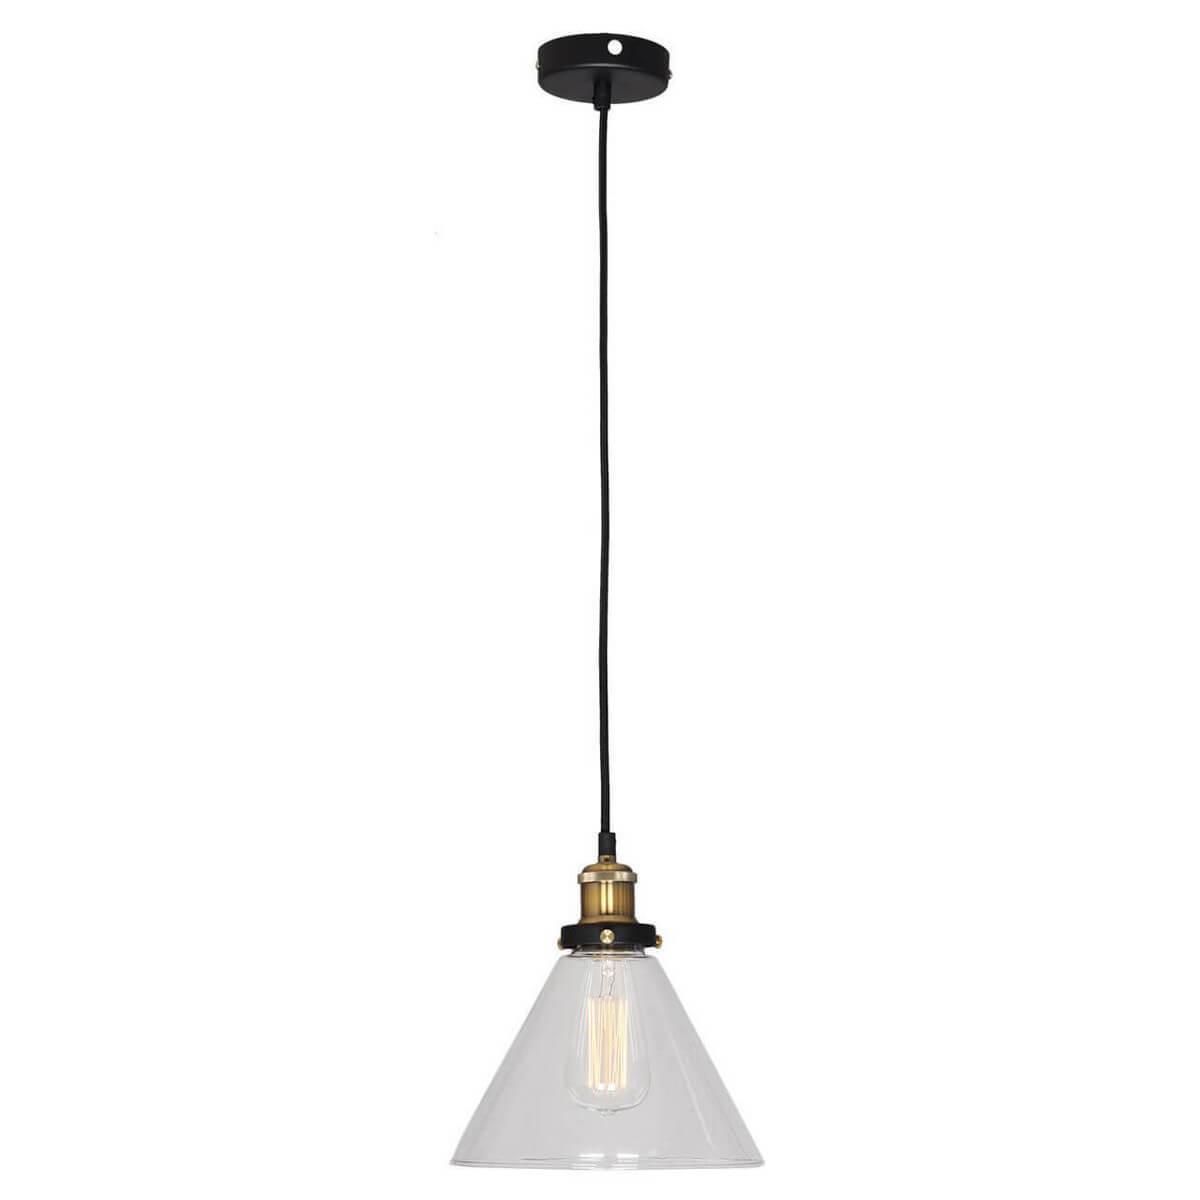 Фото - Подвесной светильник Lussole LOFT LSP-9607, E27, 60 Вт подвесной светильник lussole lsp 9607 черный